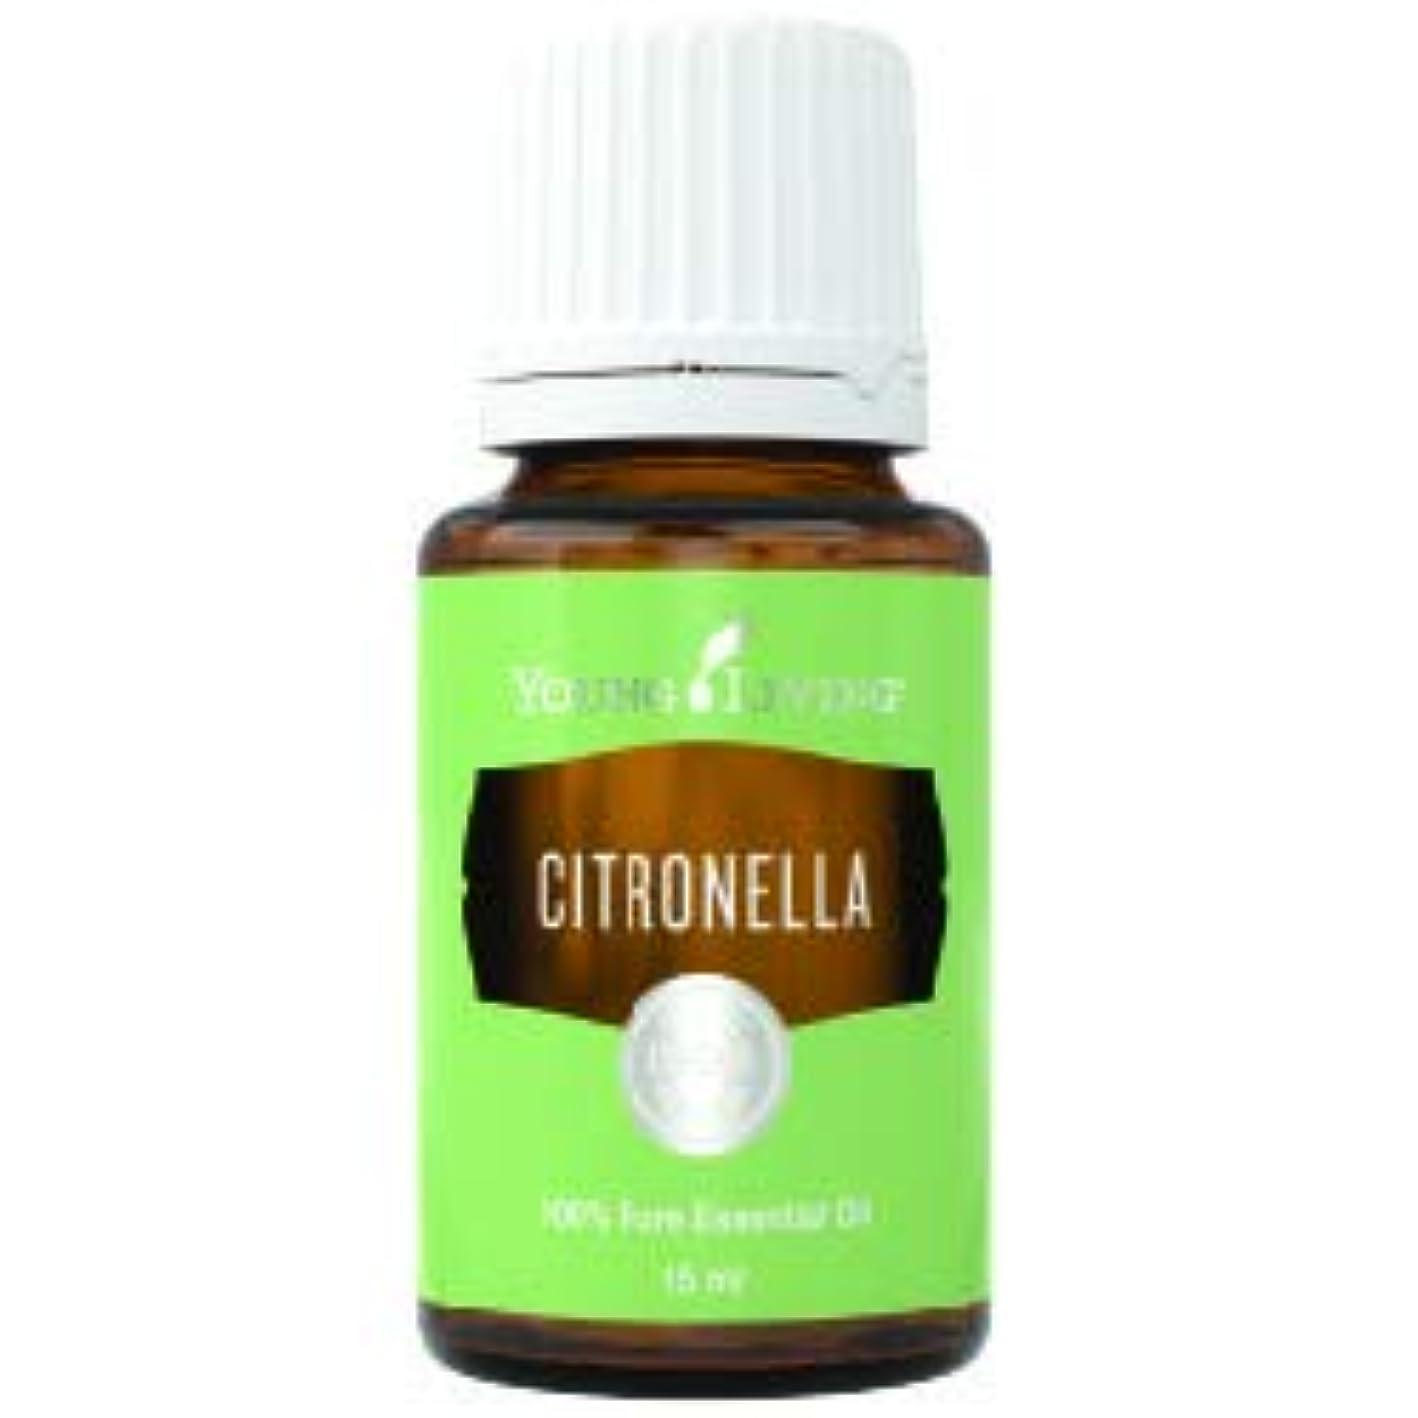 政令しわごめんなさいシトロネラエッセンシャルオイル15 ml byヤングリビングマレーシア Citronella Essential Oil 15 ml by Young Living Malaysia